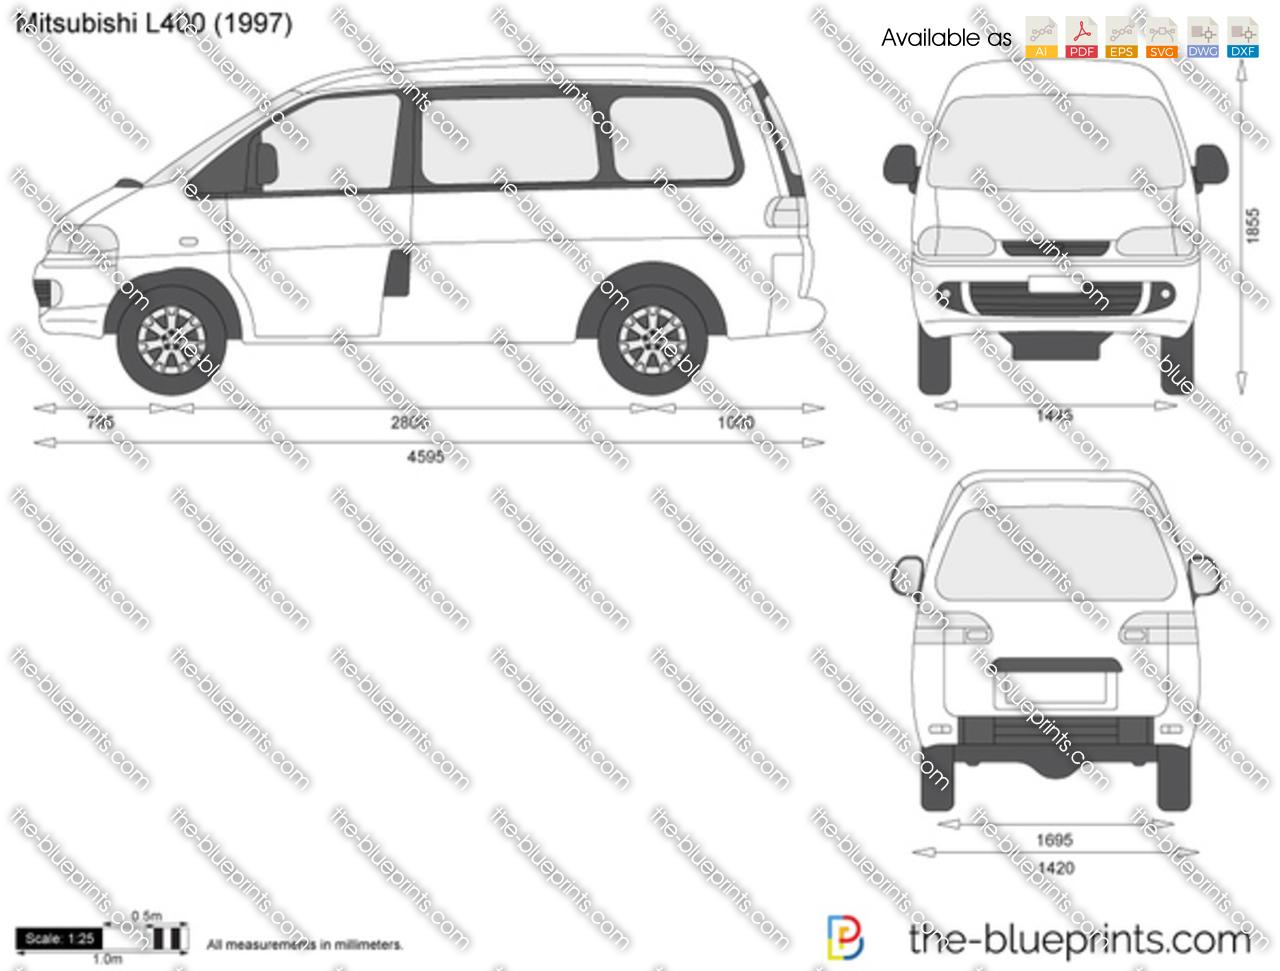 Mitsubishi L400 1998